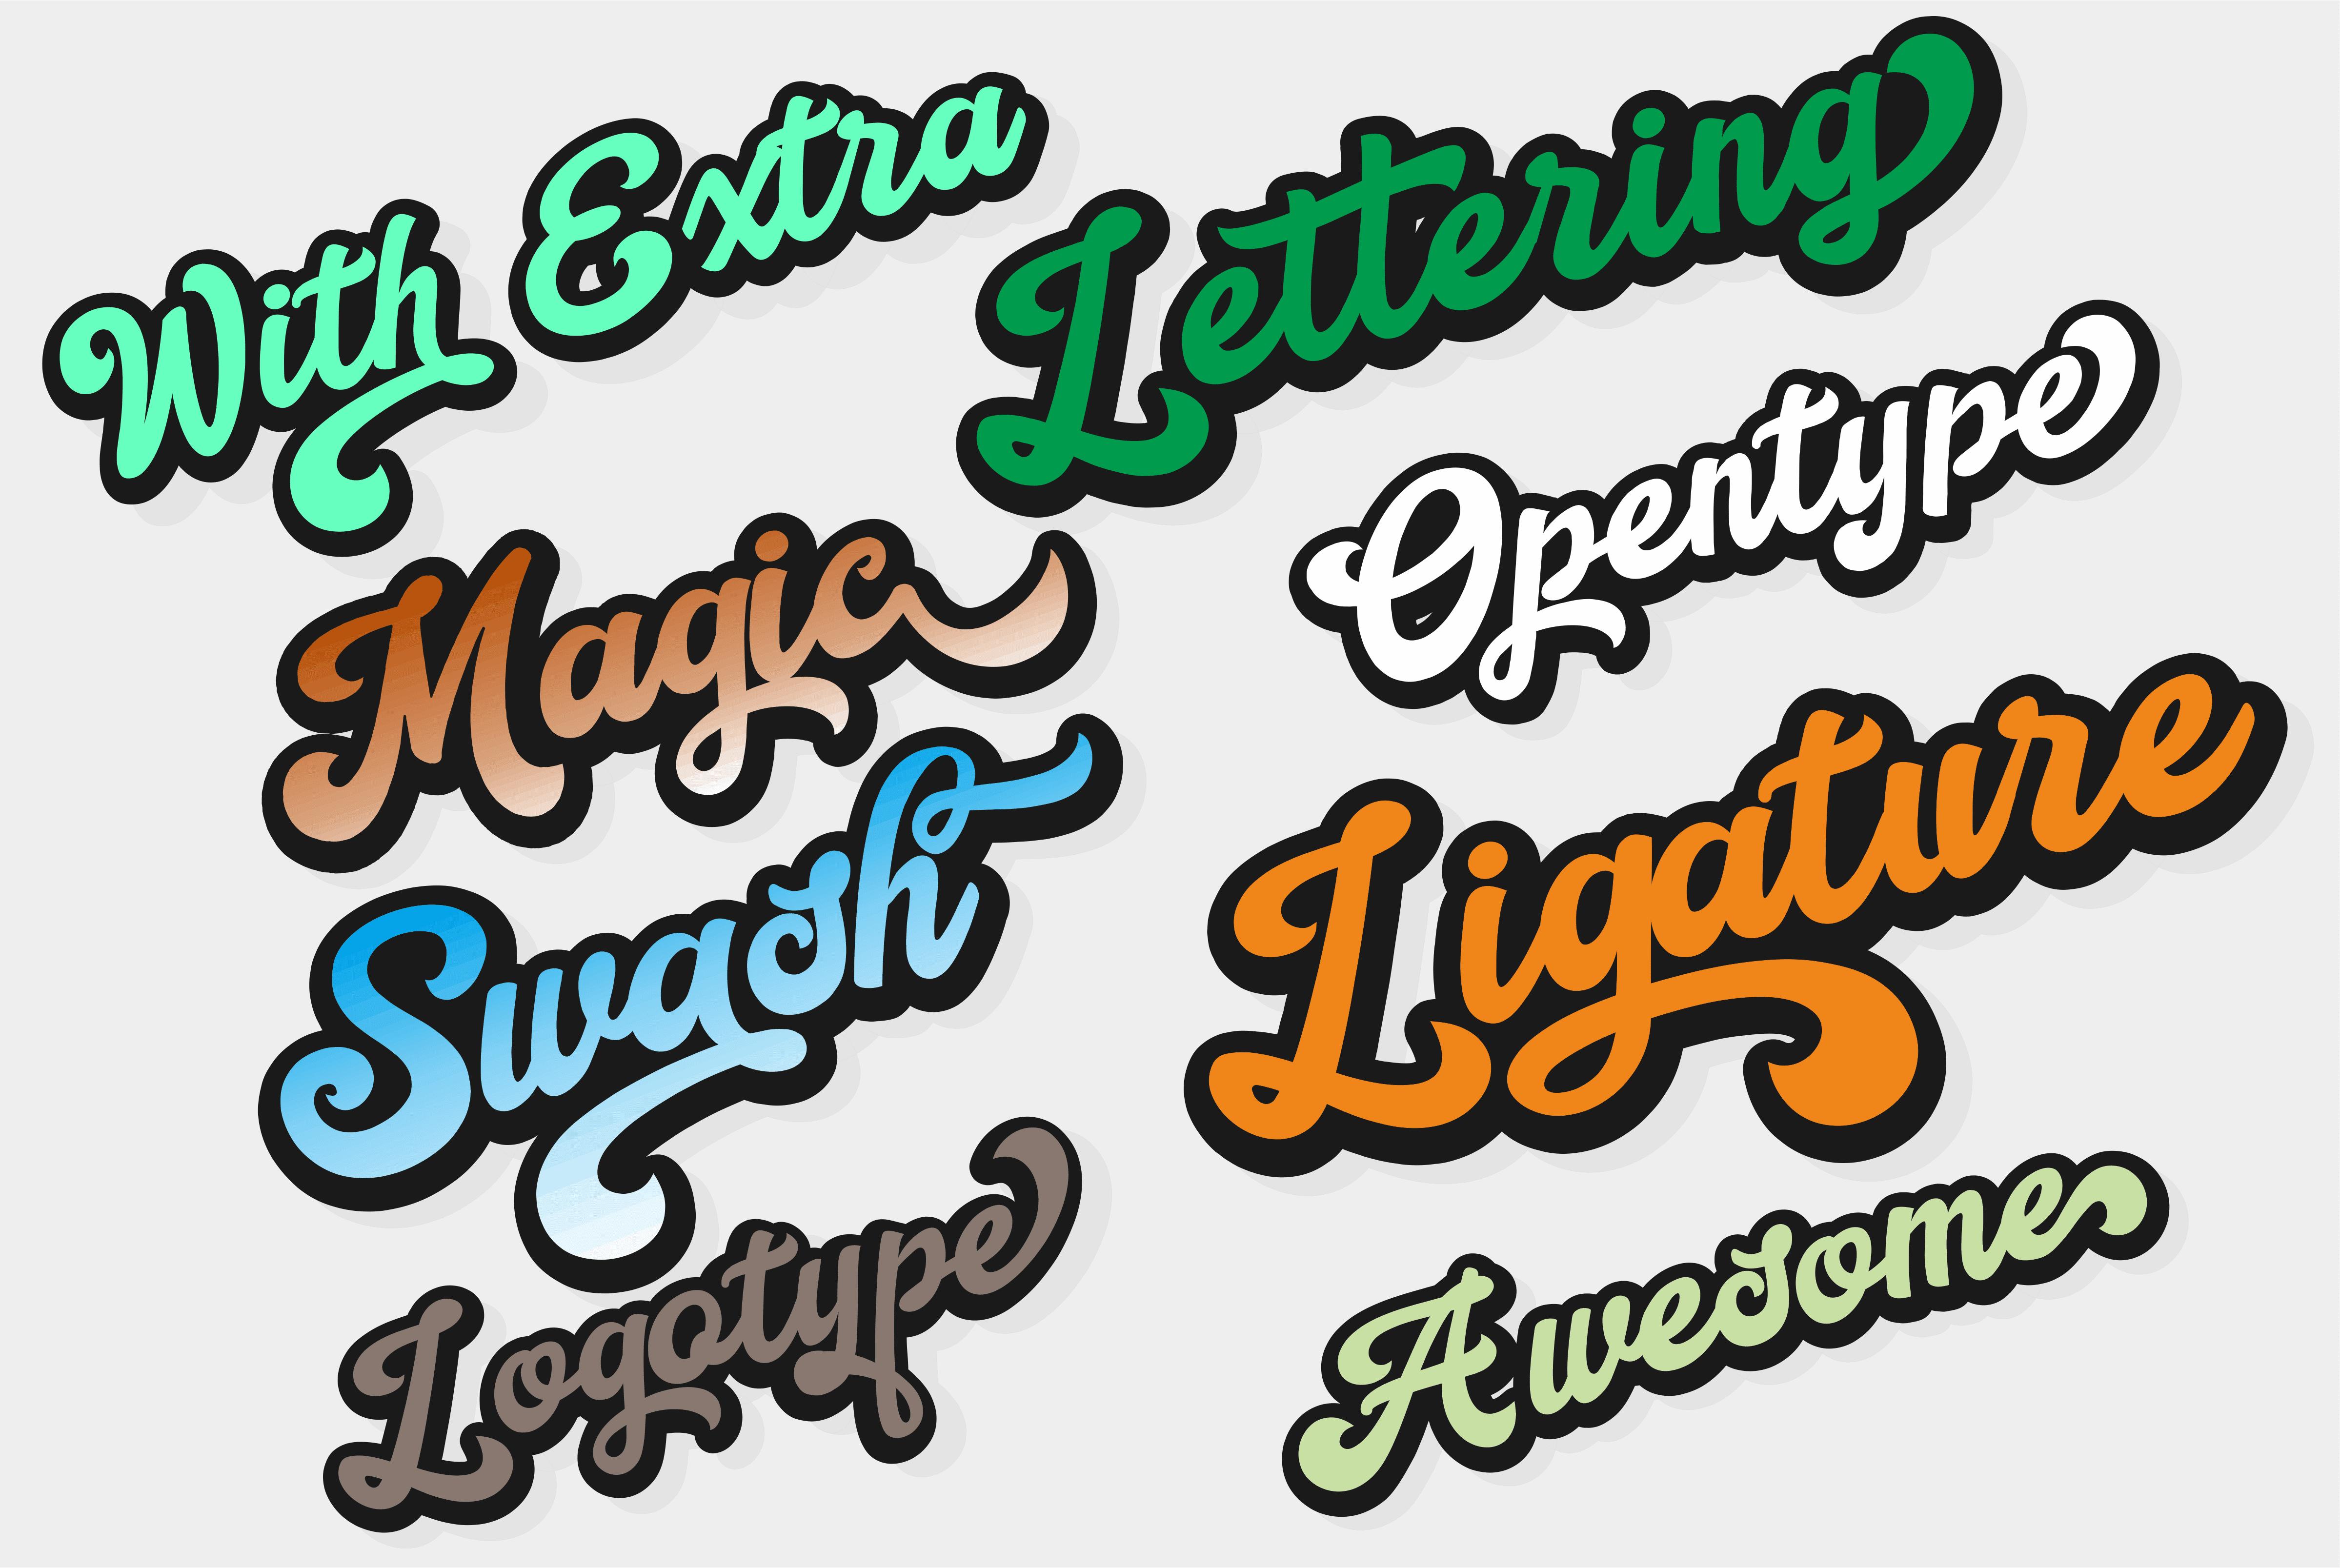 Retro Vintage Font Handy Script - $10 - view3